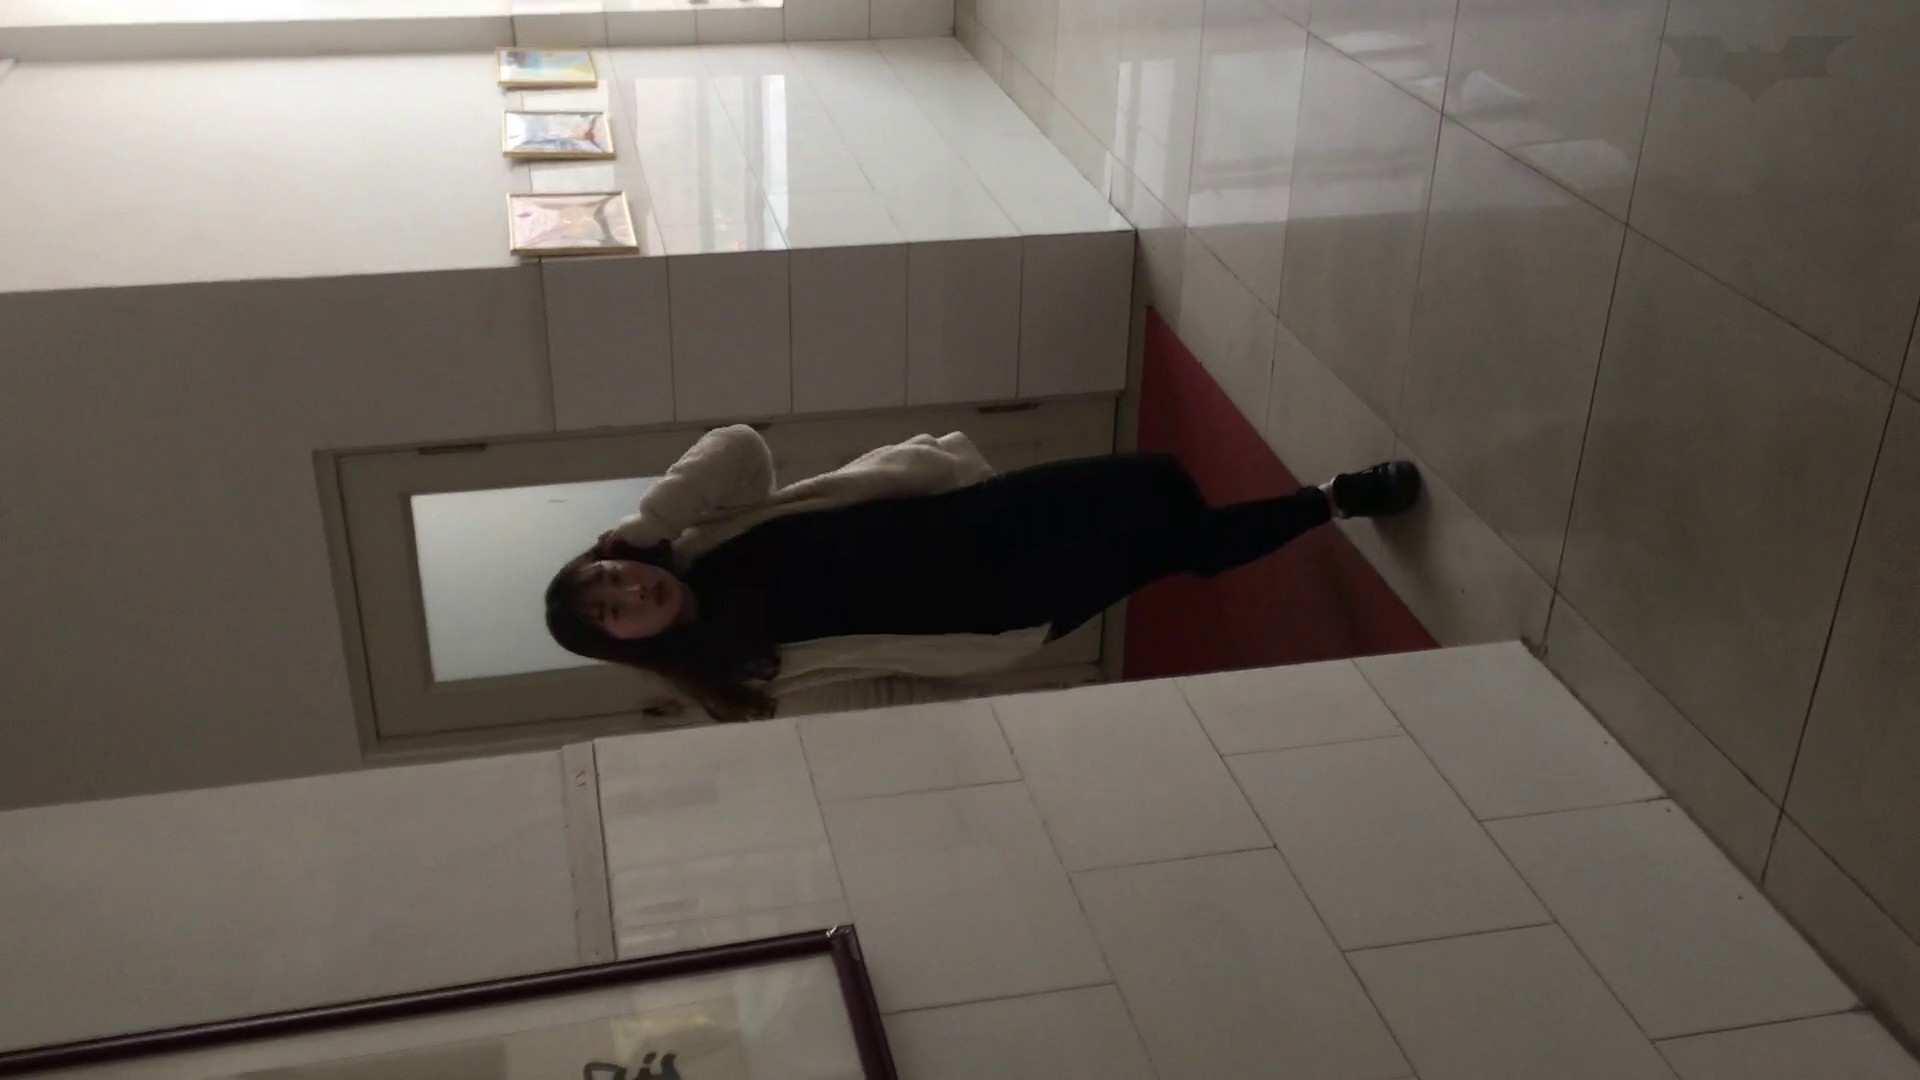 芸術大学ガチ潜入盗撮 JD盗撮 美女の洗面所の秘密 Vol.92 美女 おめこ無修正画像 56画像 52